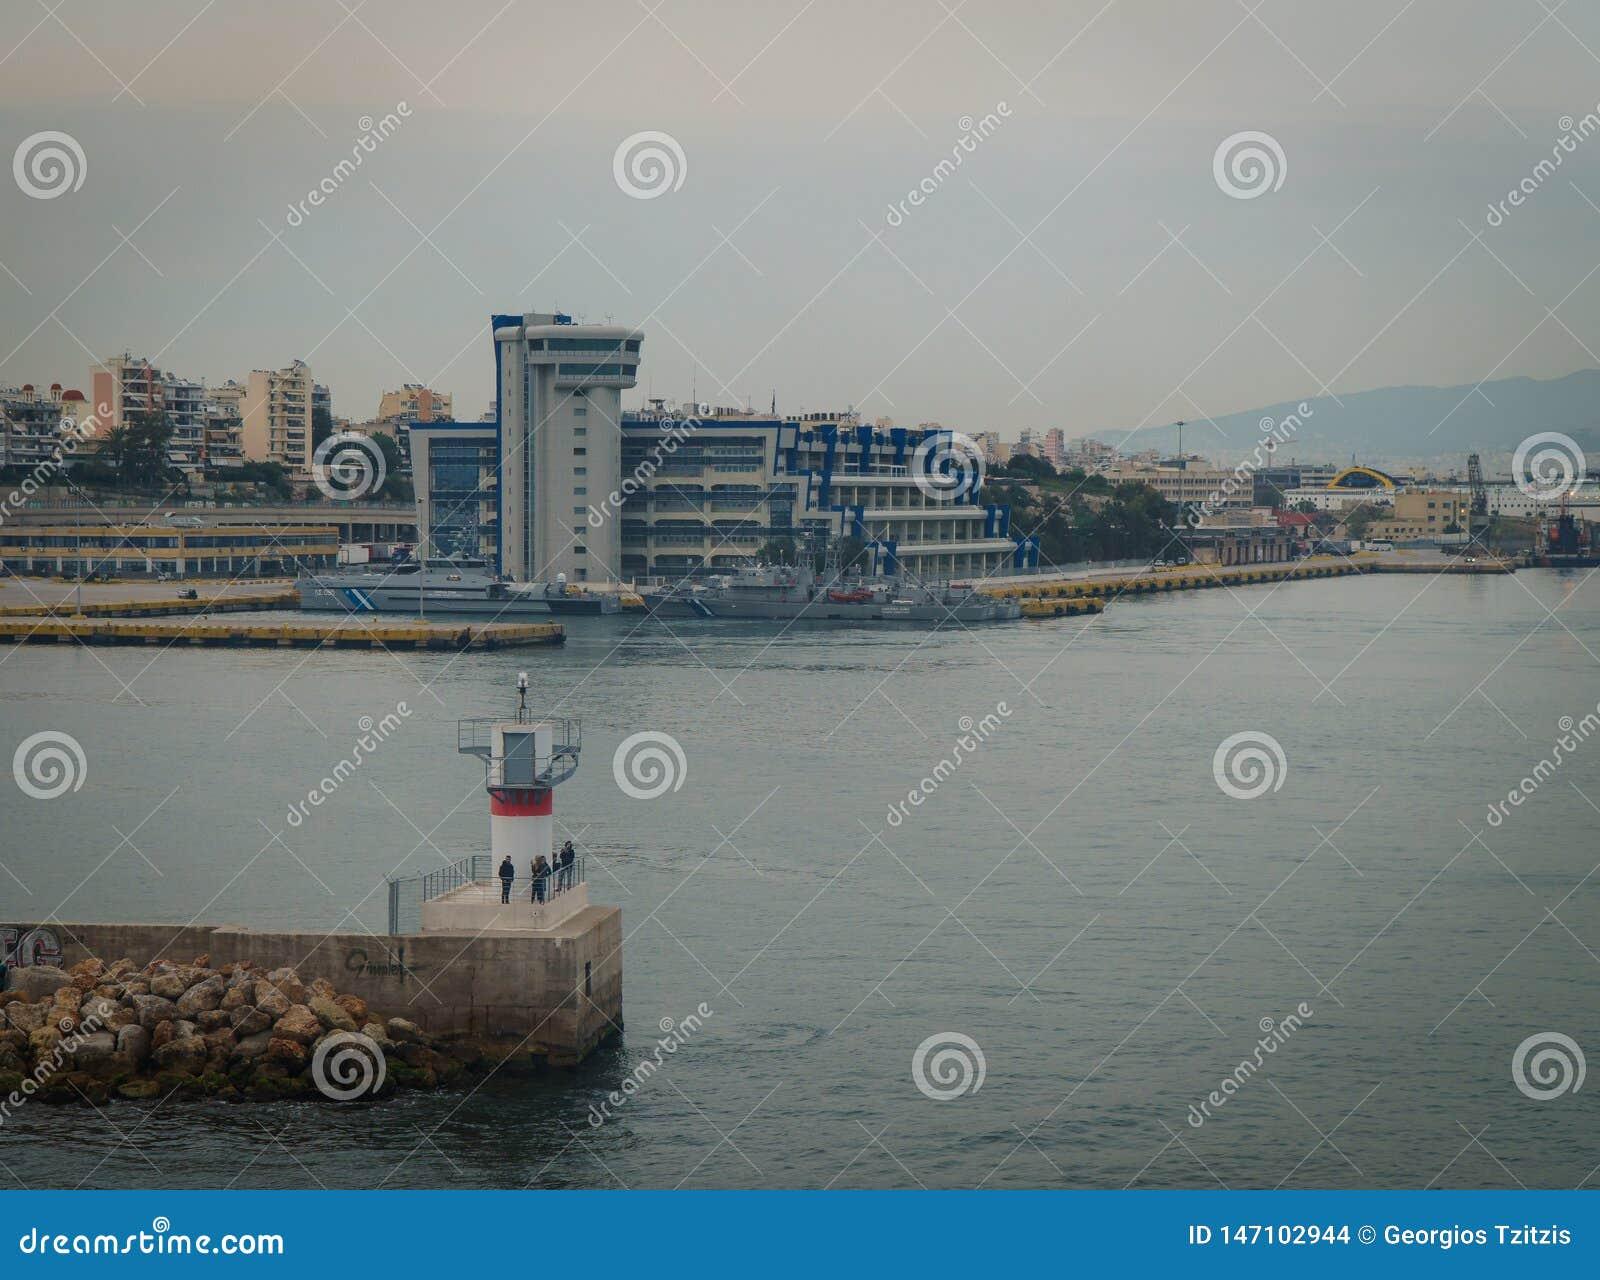 Conseptual a tir? du bateau qui laisse au port les autres bateaux et la tour de commande, dans un jour nuageux avec la mer calme